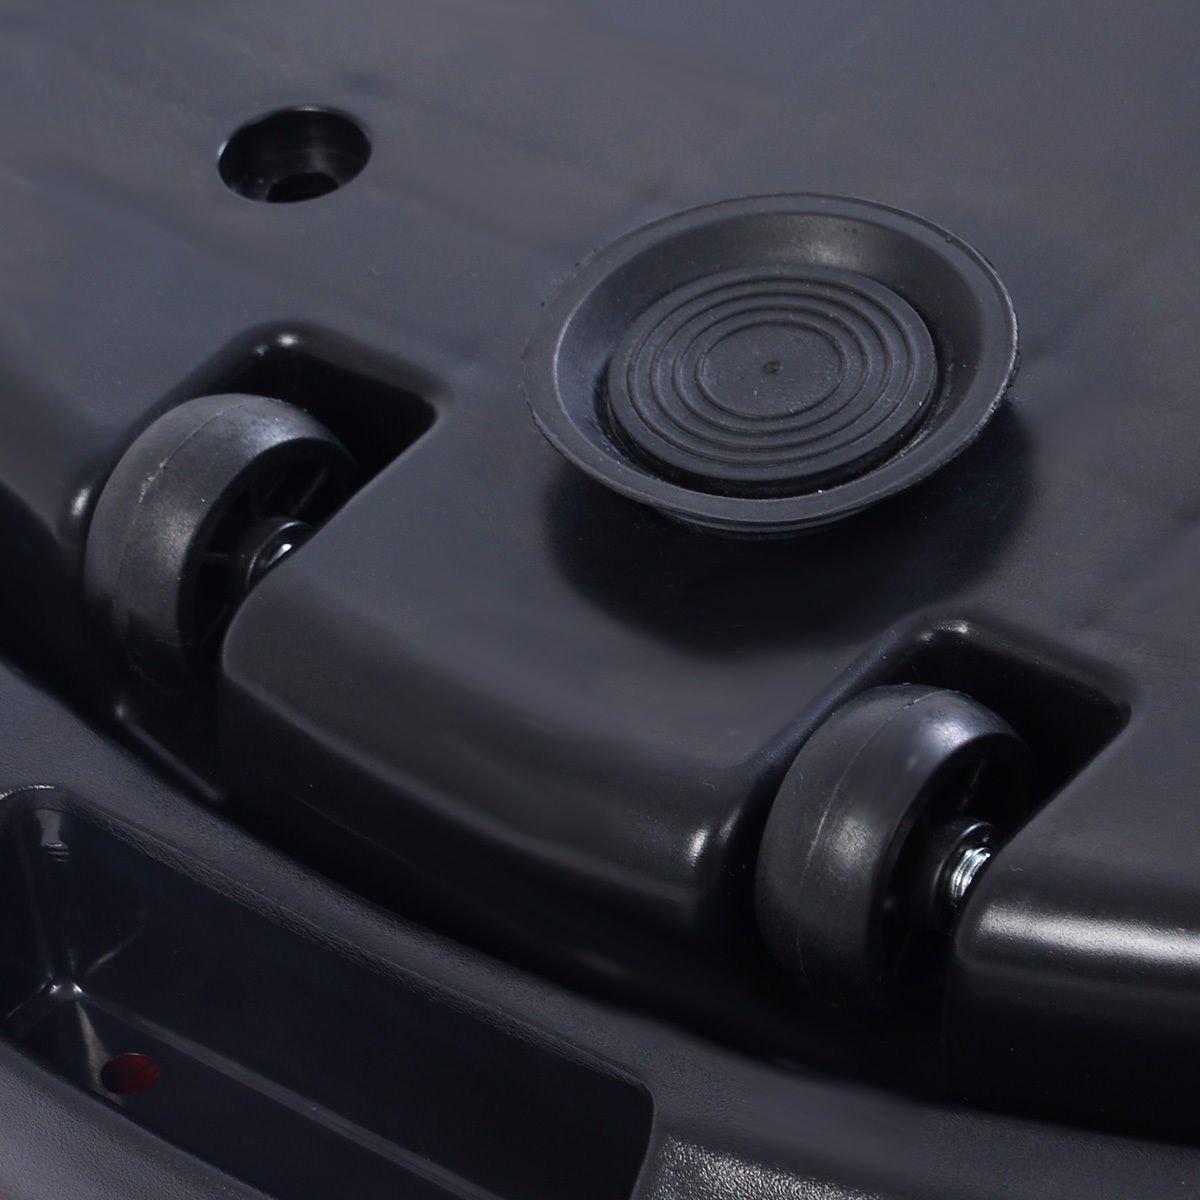 Tangkula Ultrathin Mini Crazy Fit Vibration Platform Massage Machine Fitness Gym (Black) by Tangkula (Image #10)